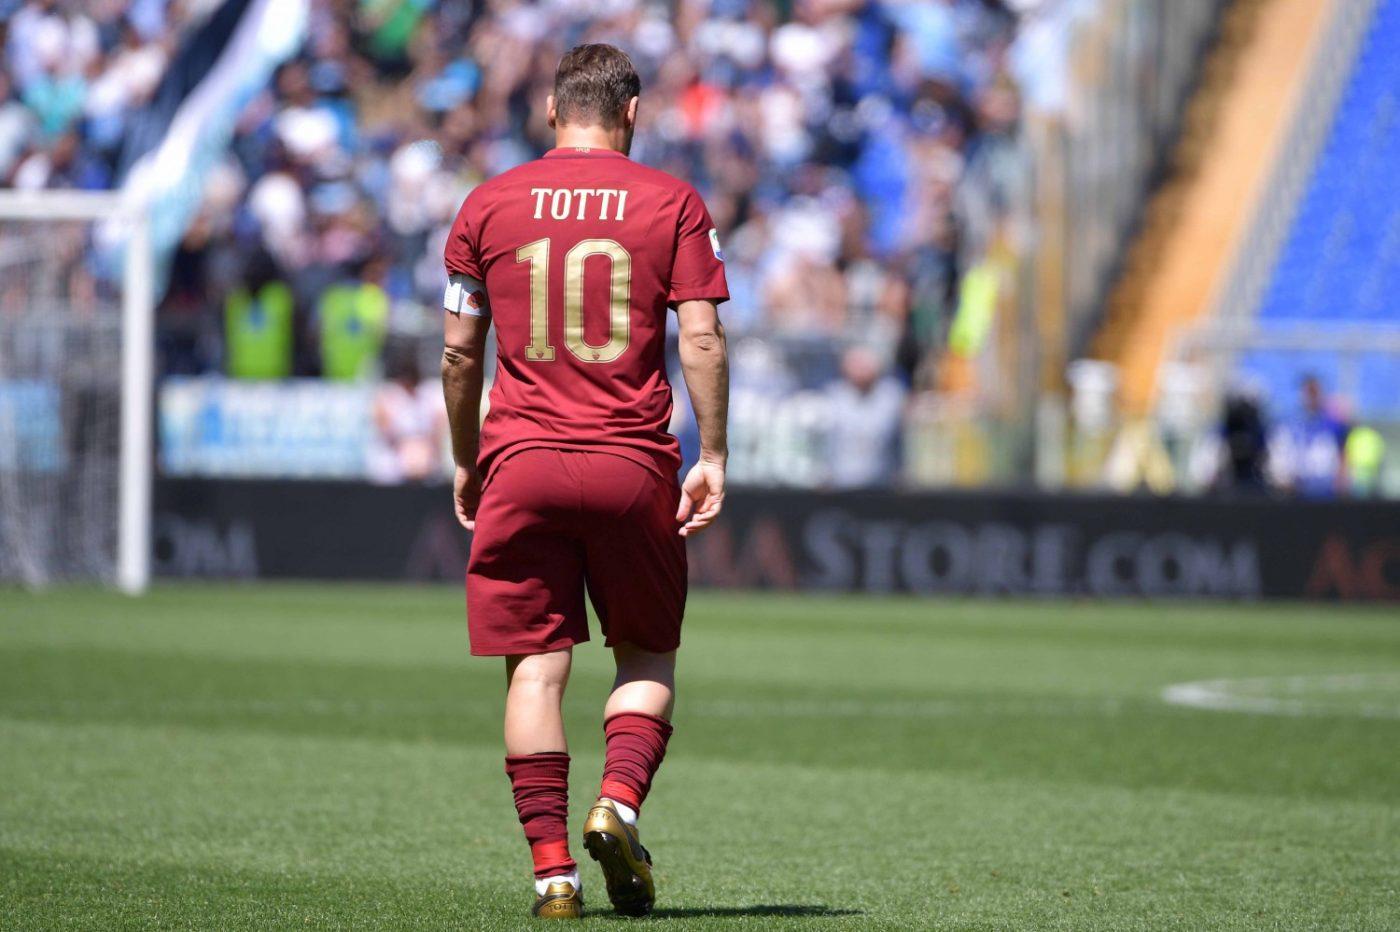 AS Roma, czyli klub doszczętnie wyniszczający swoje legendy